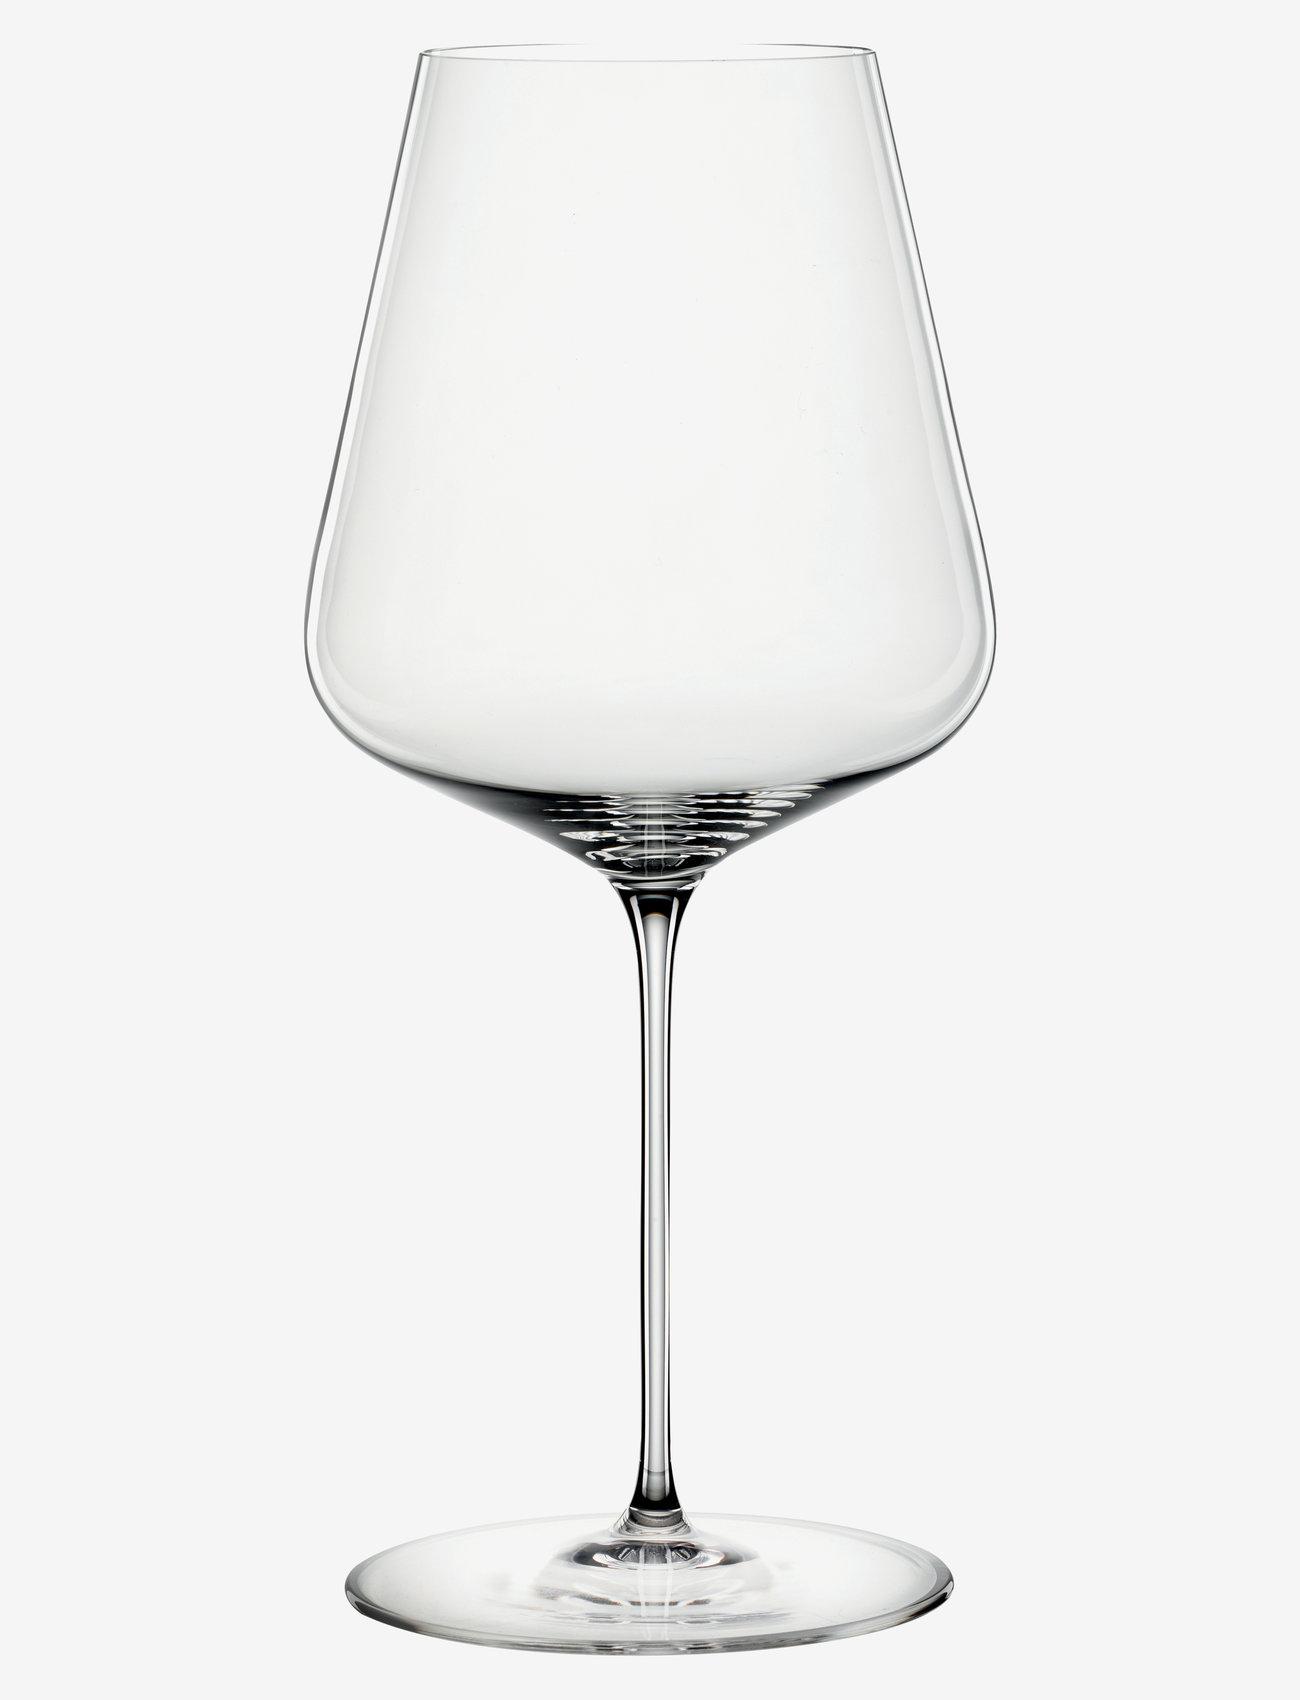 Spiegelau - Definition Bordeaux 75cl 2-p - clear glass - 0